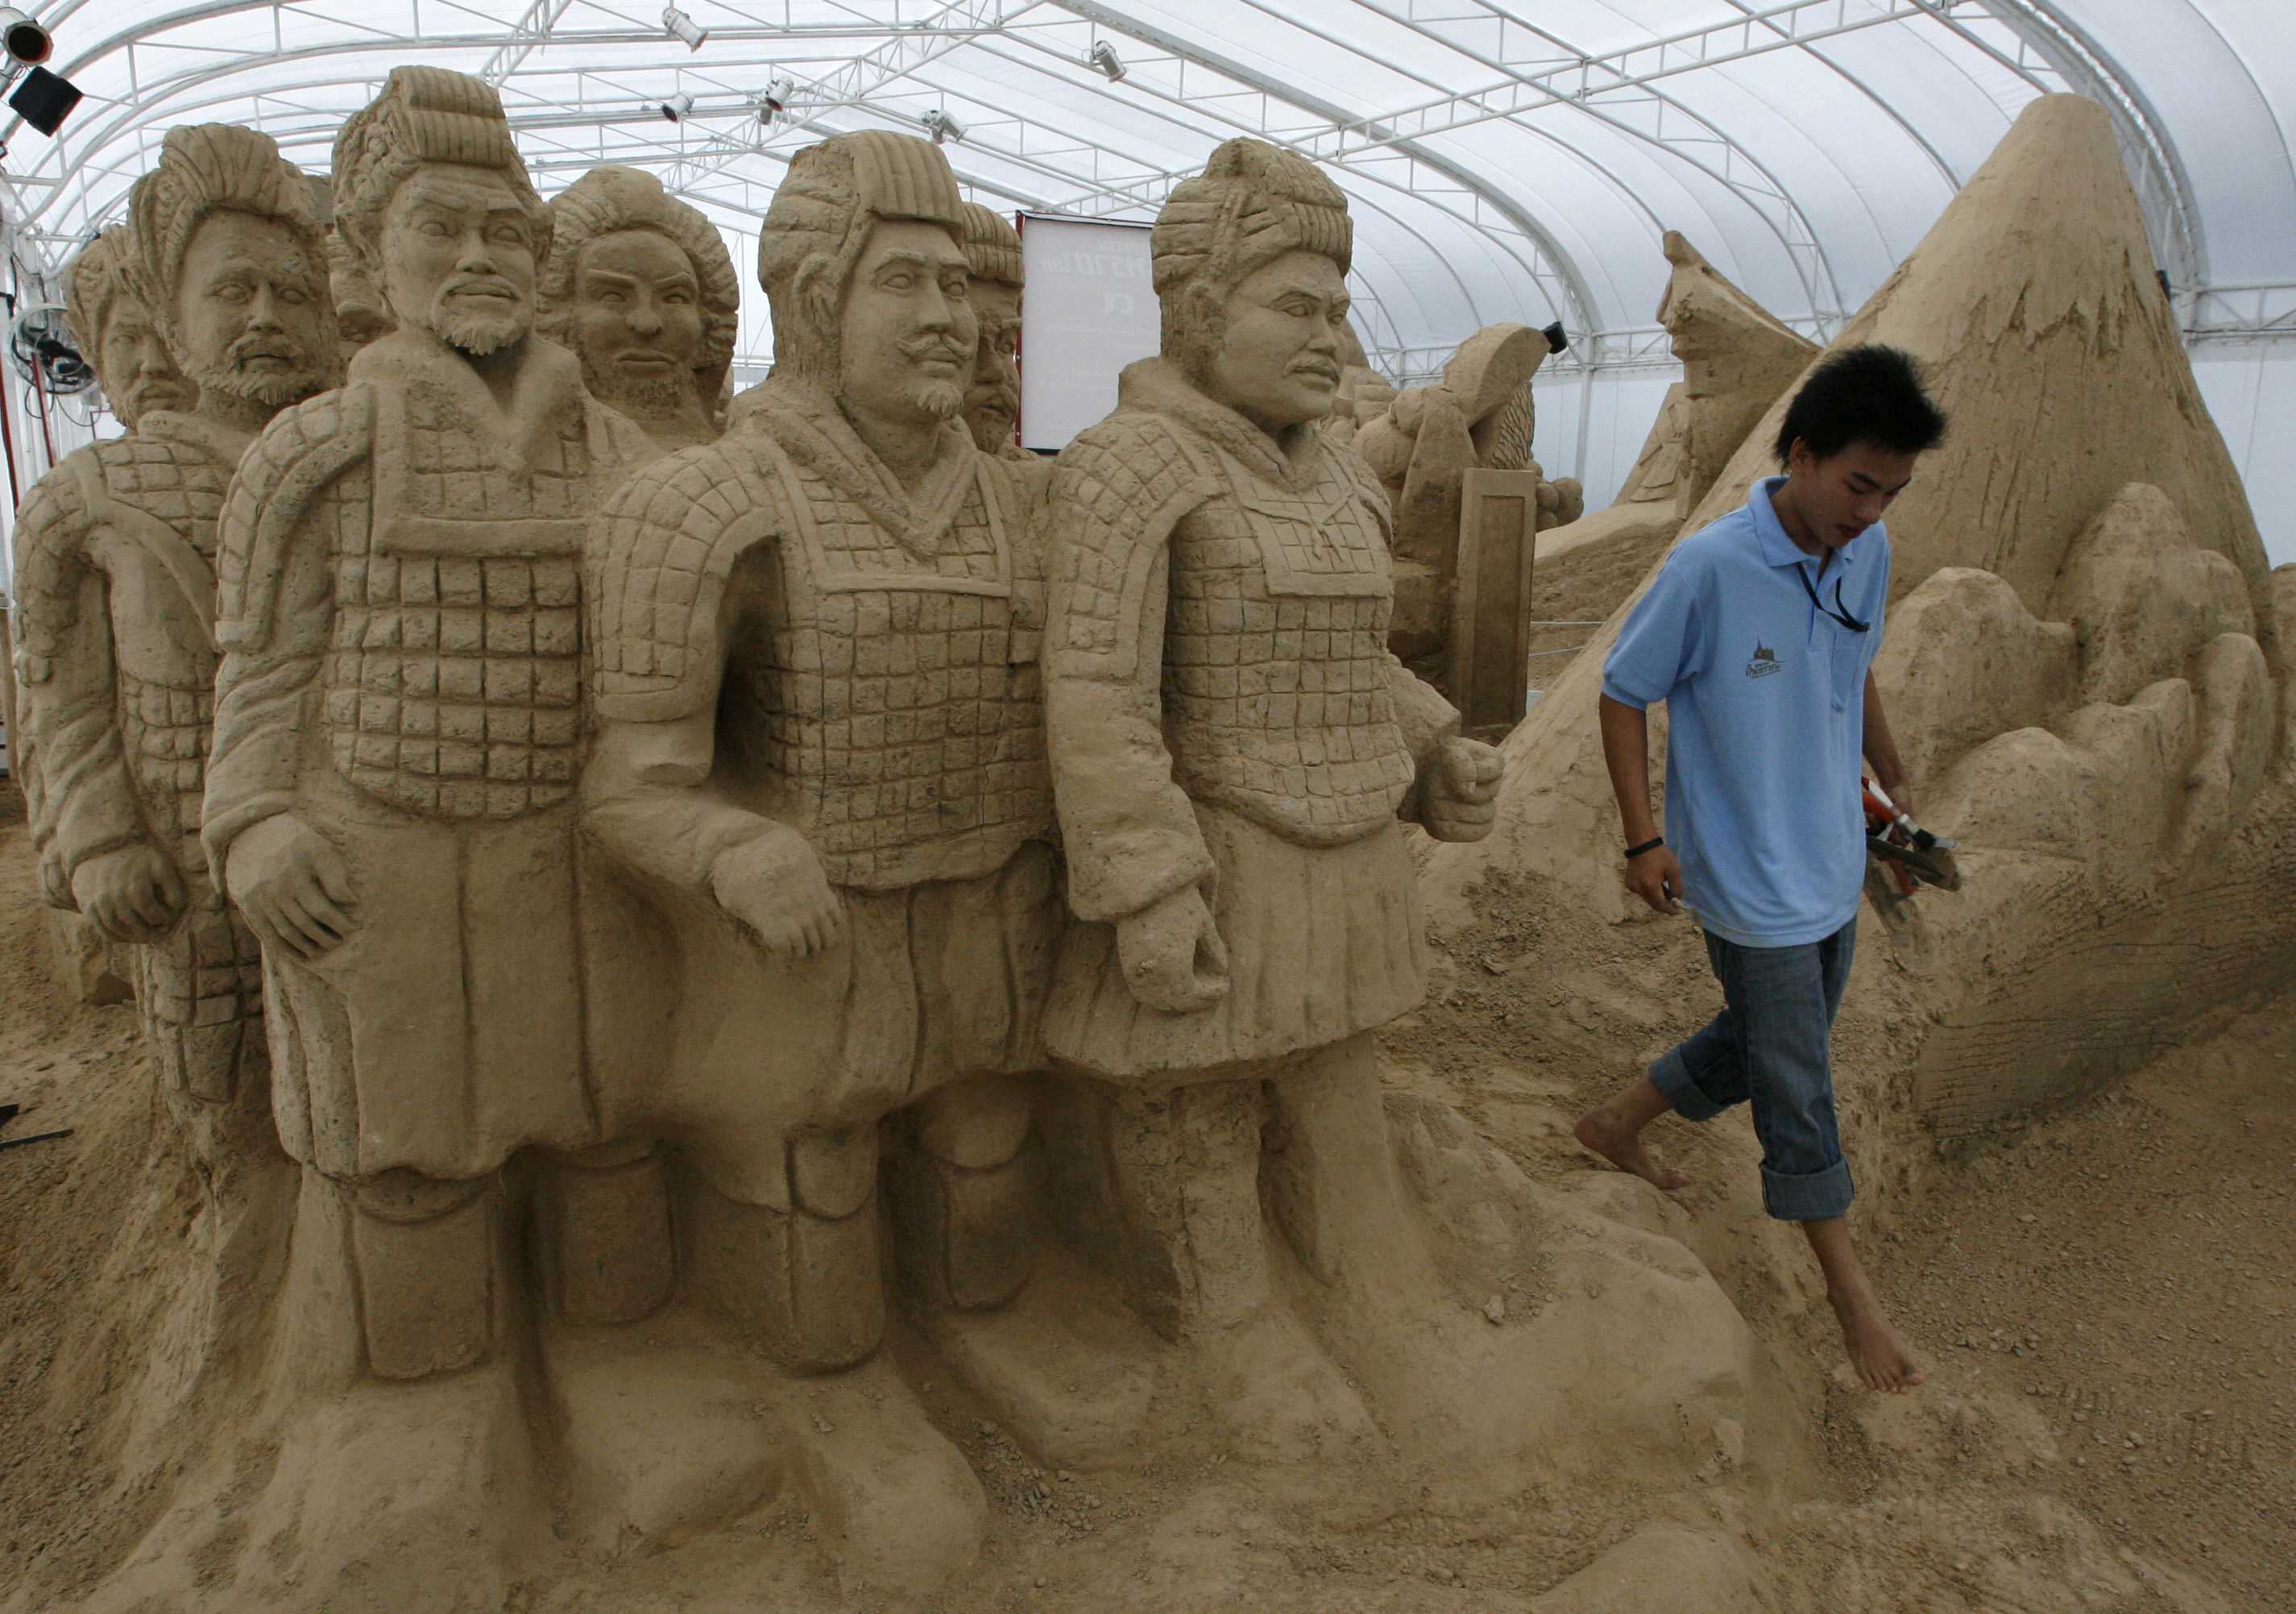 Thai sand castle contest.